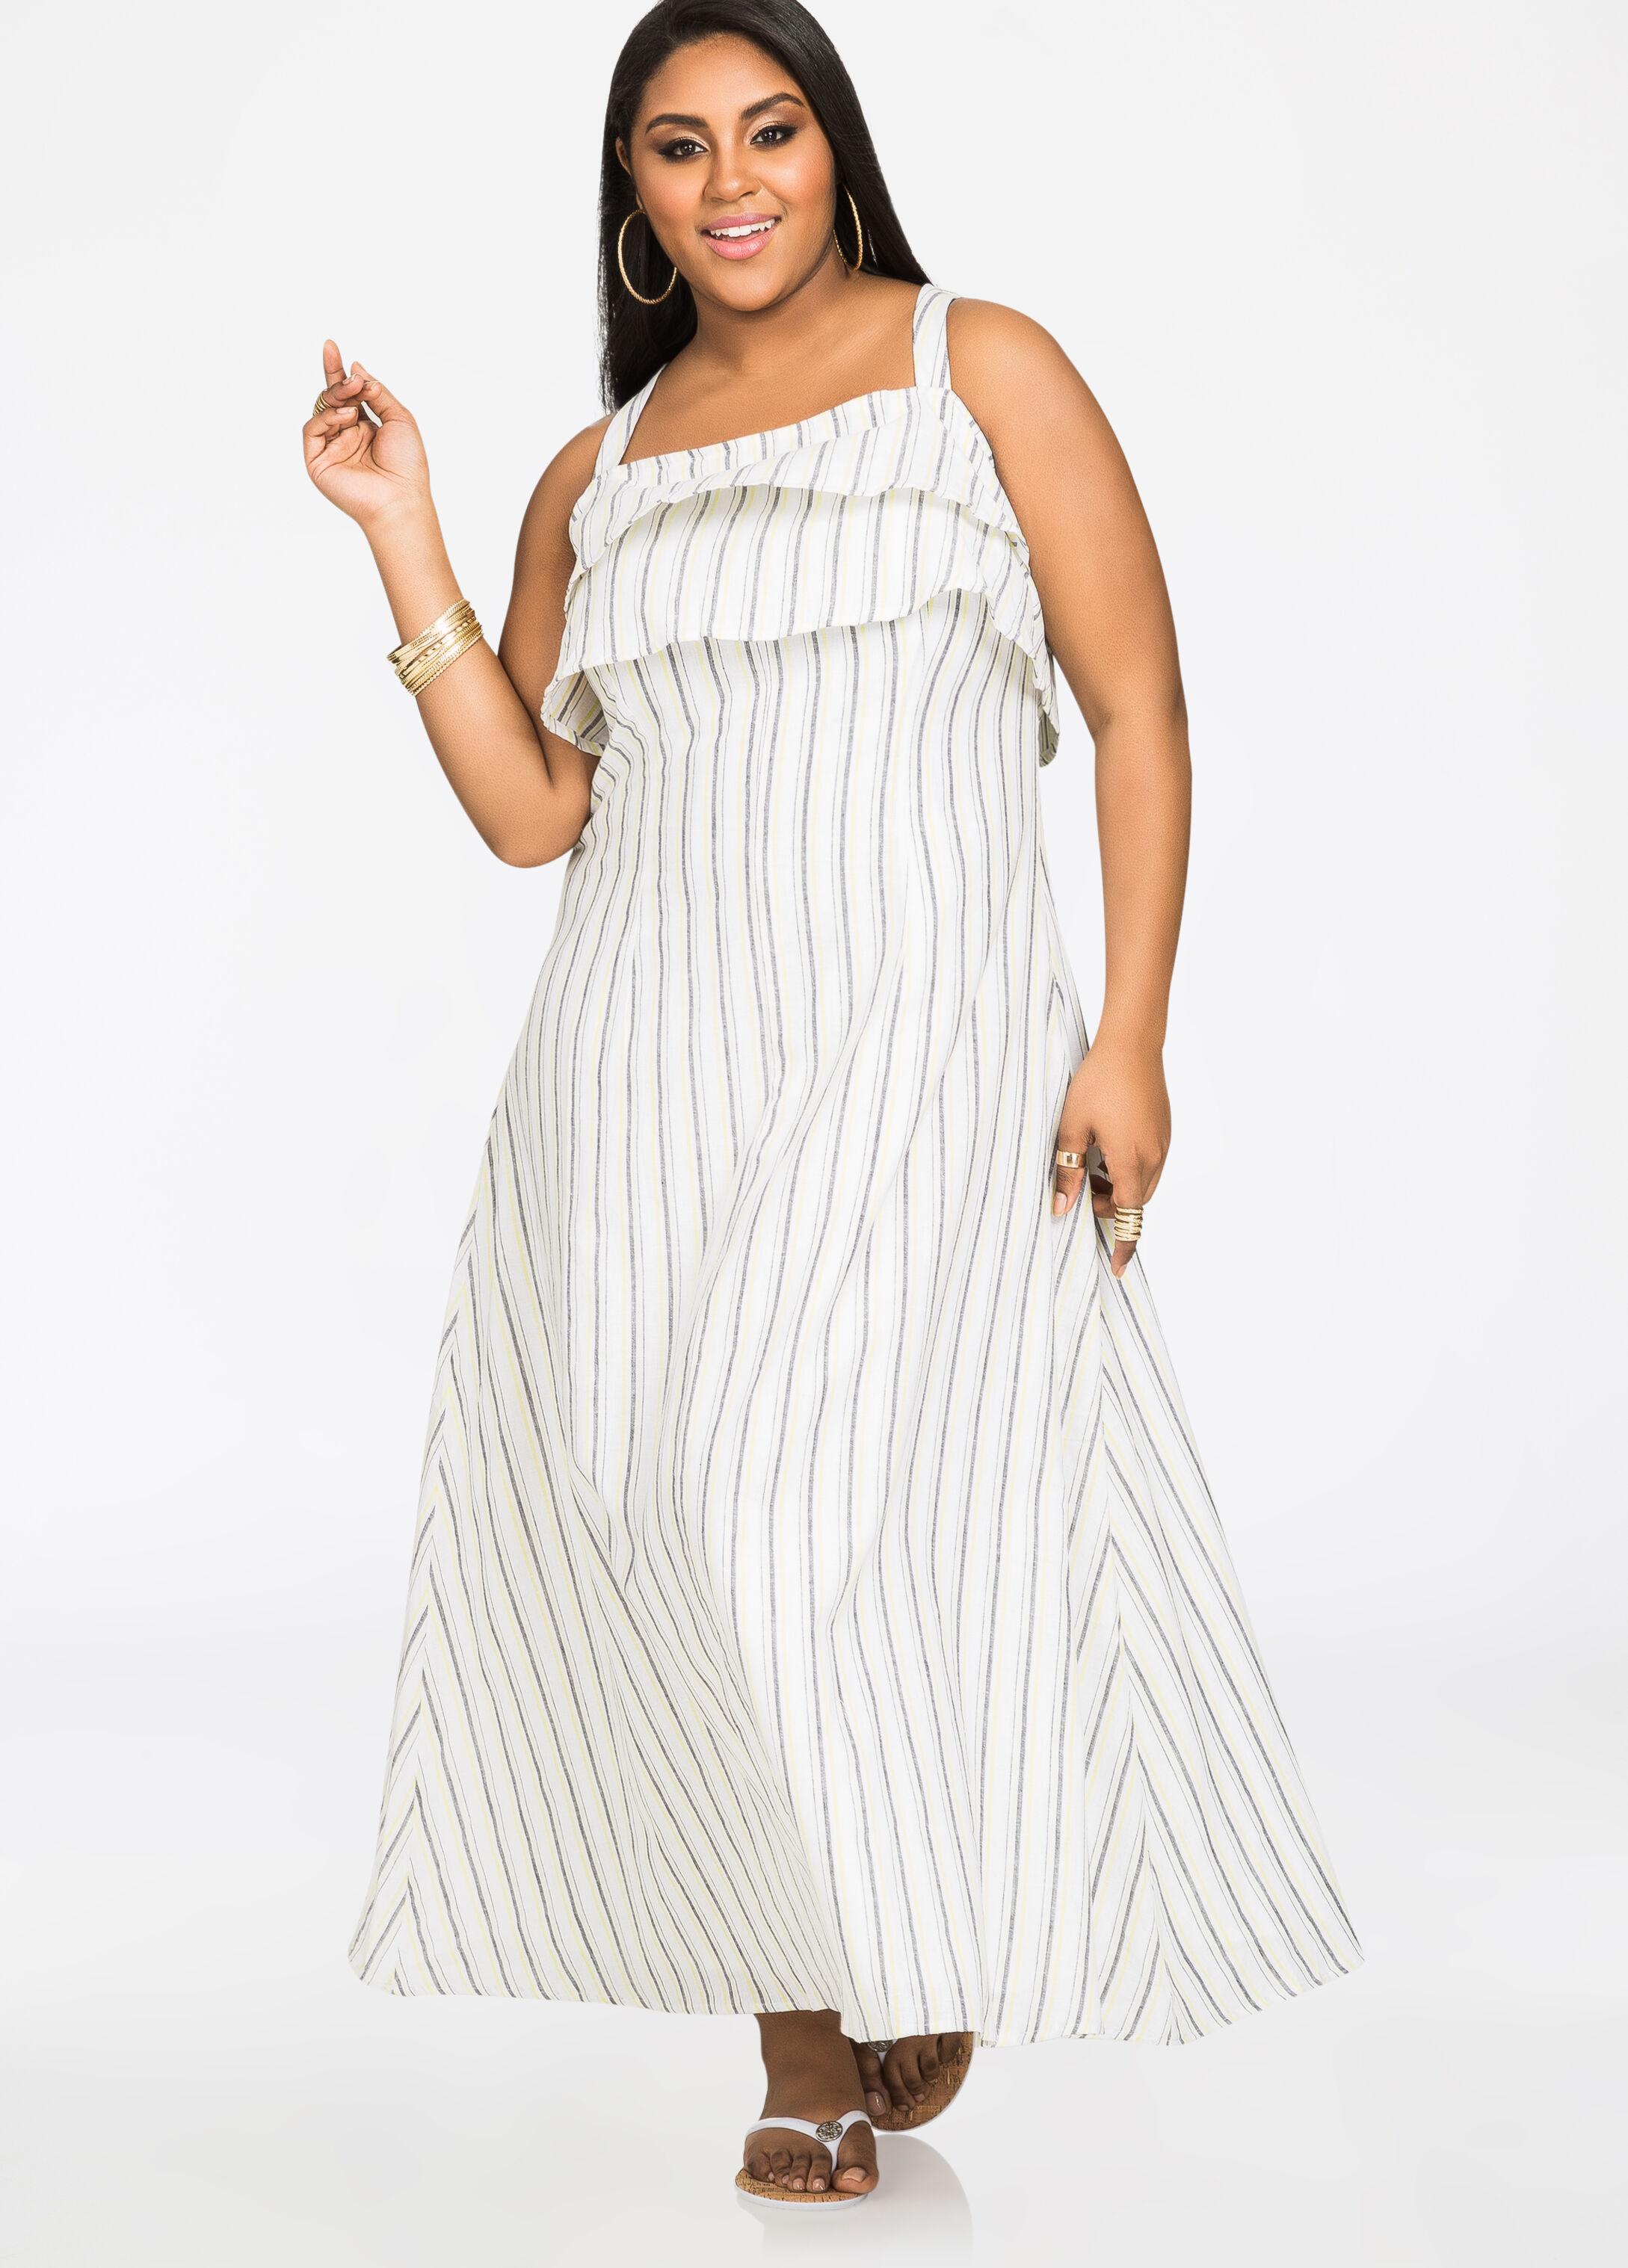 Plus-Size Linen Pants, Dresses & Tops | NEW Linen Clothes ǀ Ashley ...